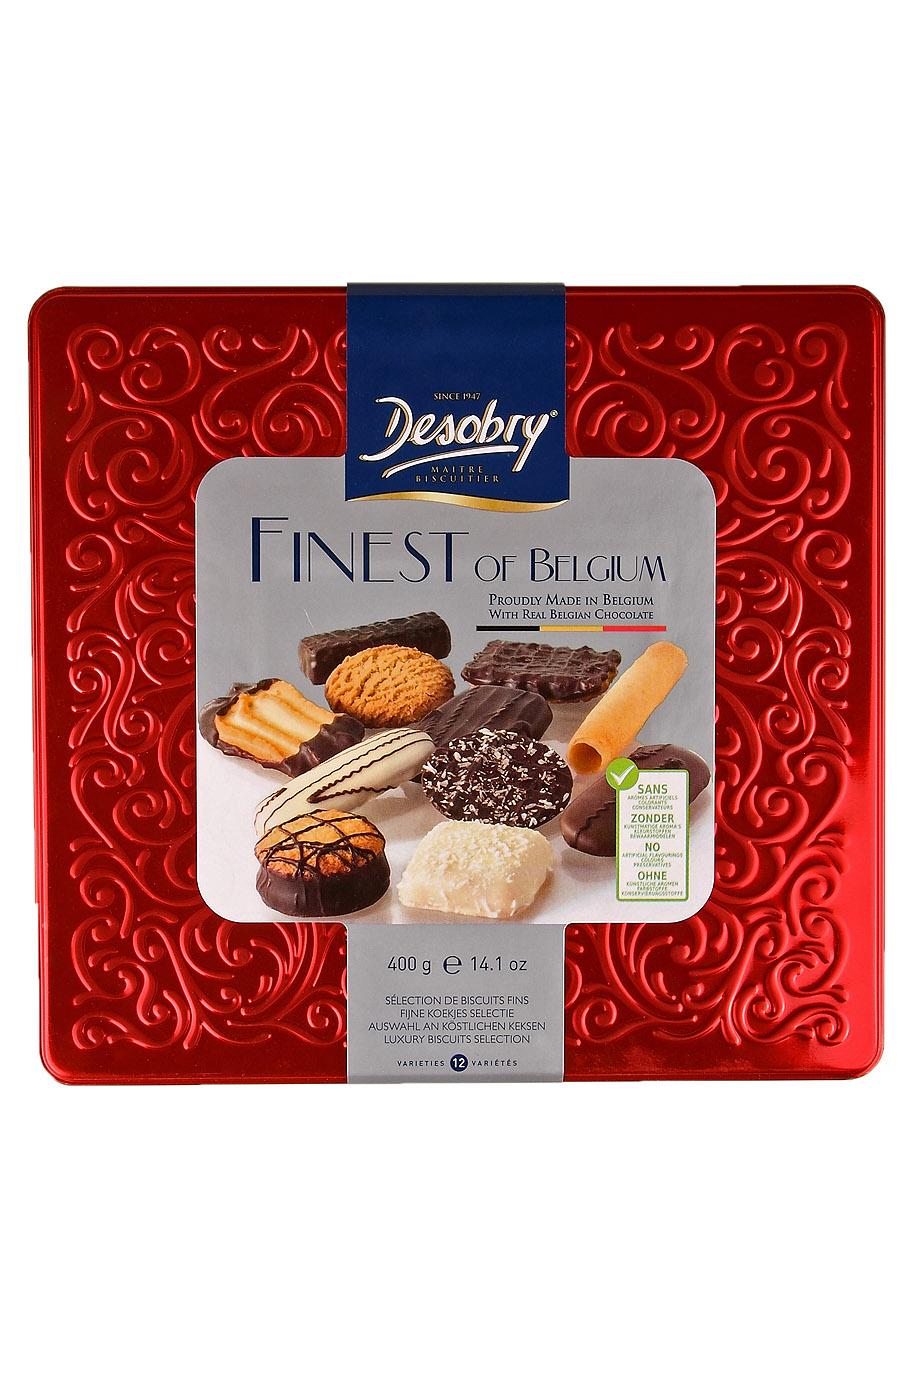 Sausainių rinkinys  Finest of Belgium DESOBRY, 400g